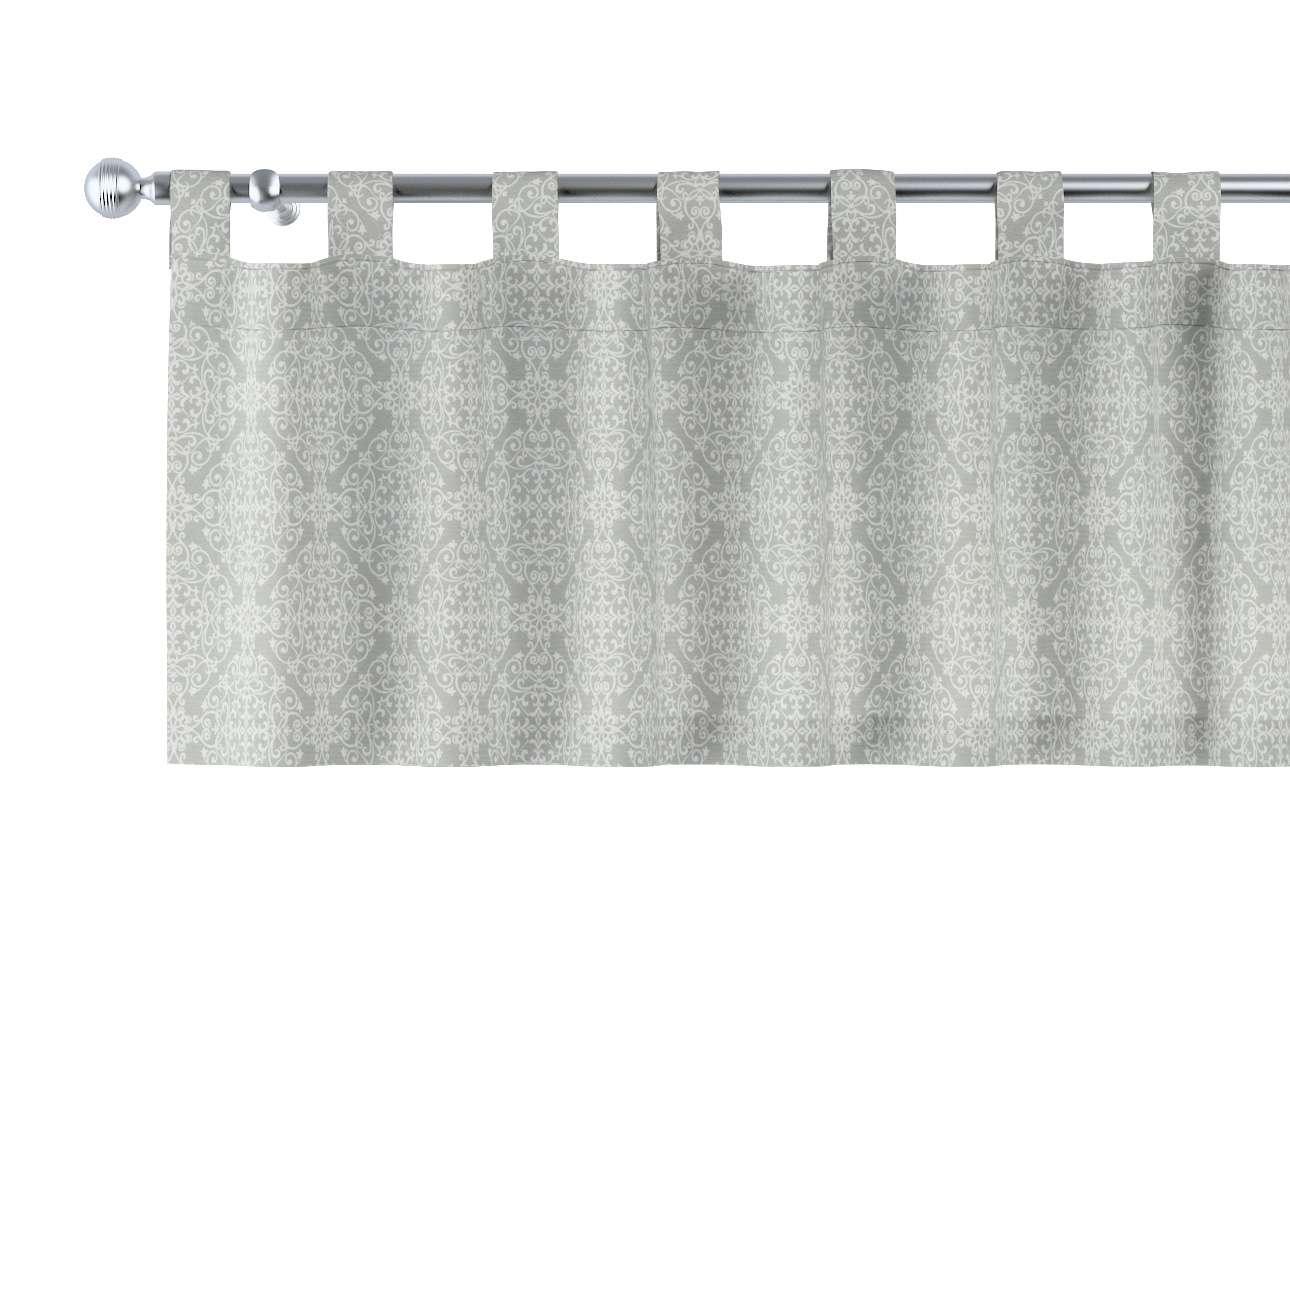 Gardinkappa med hällor 130x40cm i kollektionen Flowers, Tyg: 140-38